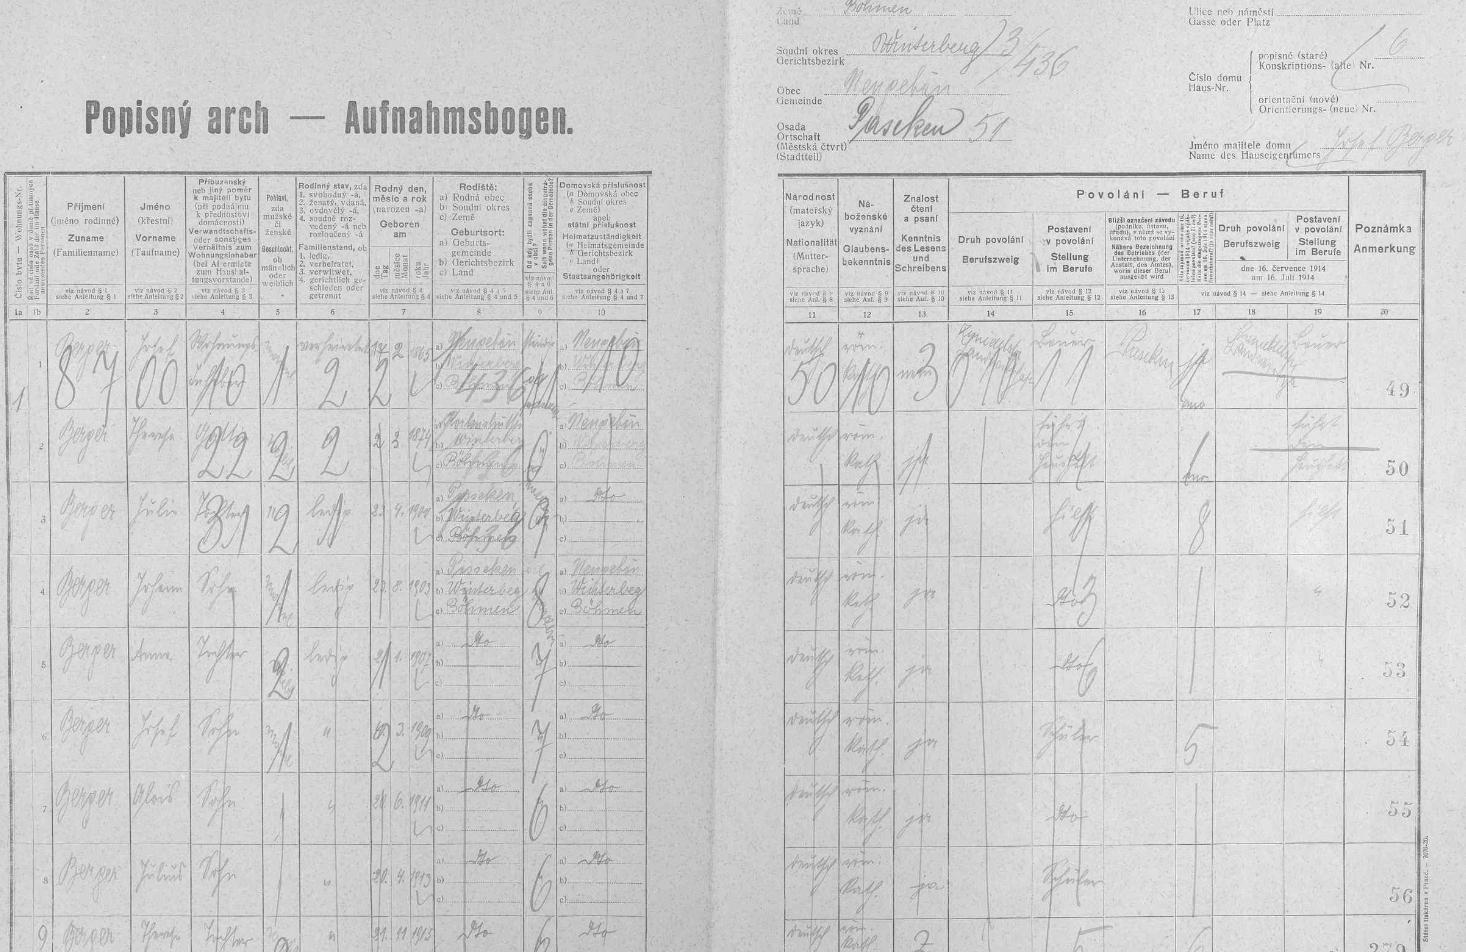 Arch sčítání lidu z roku 1921 zaznamenává ve stavení čp. 6 na Pasece početnou rodinu Bergerovu s otcem Josefem (*1865 v Novém Světě), matkou Theresou (*1874 v Korkusově Huti), synem Johannem (*1903), dcerou Annou (*1907), syny Josefem (*1909), Aloisem (*1911), Juliem (*1913) a dcerou Theresou (*1915), všechny děti manželů Bergerových se už narodily na Pasece, osadě příslušející k obci Nový Svět a znající mezi obyvateli jedině tyto Bergerovy